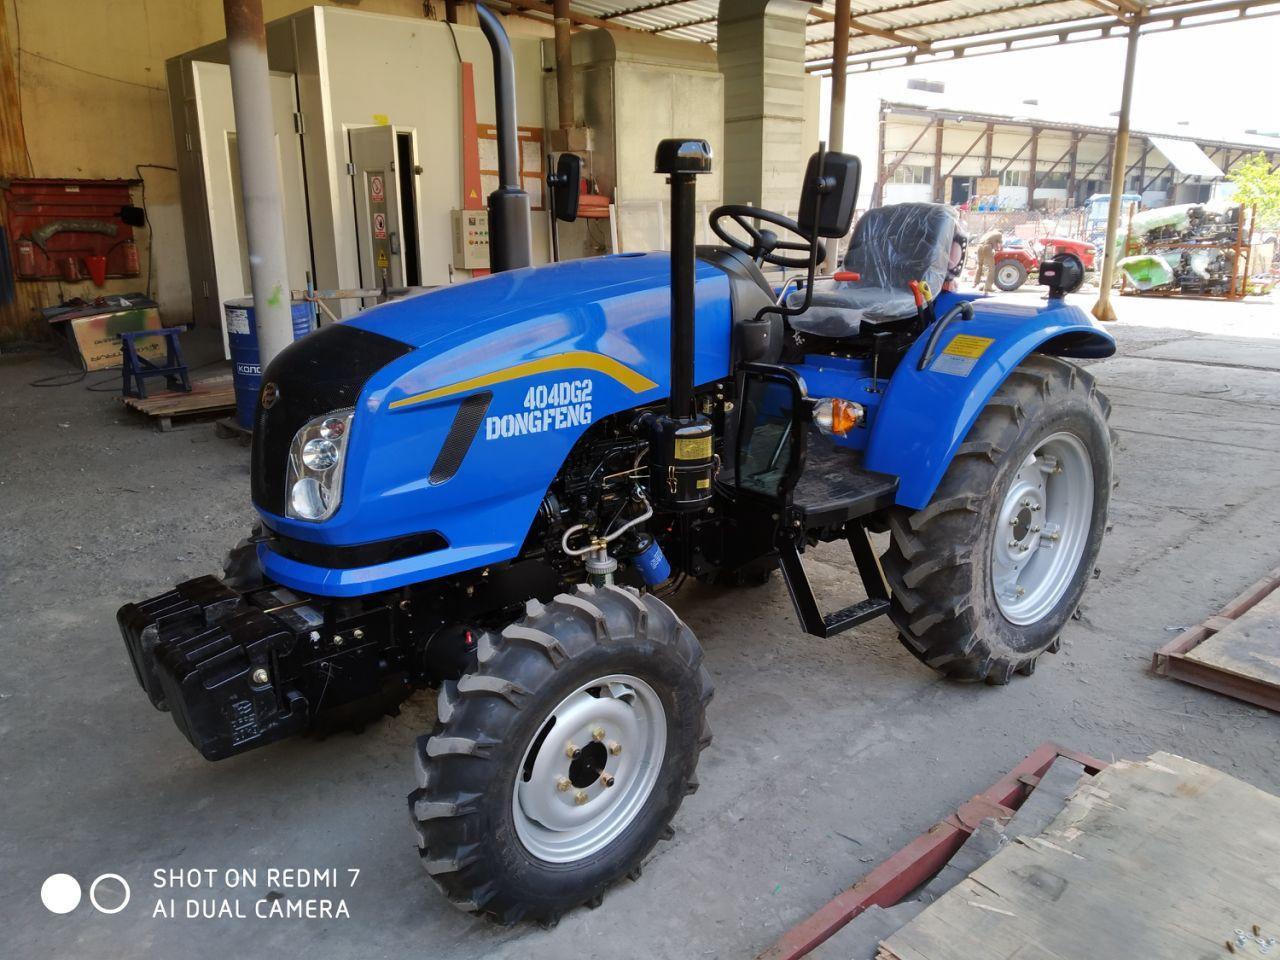 Трактор Донфенг 404DG2 Генерация 2. С Доставкой